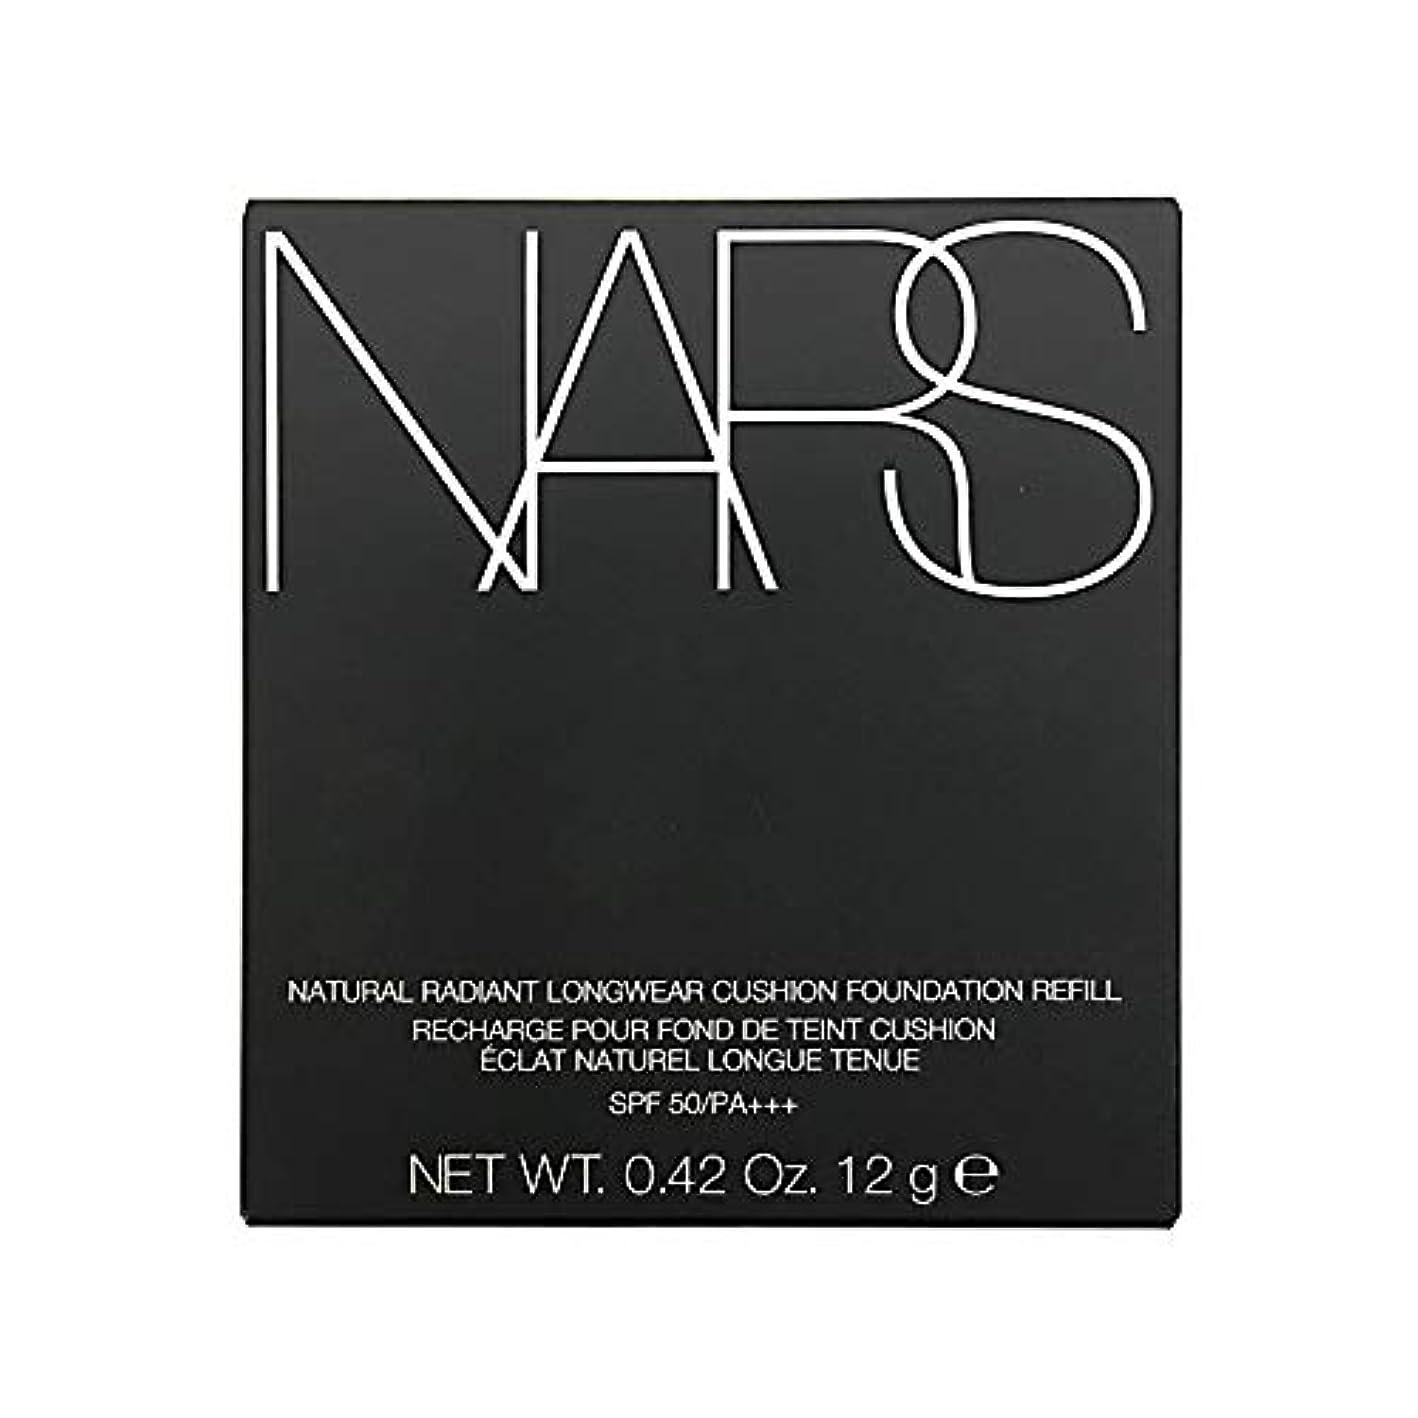 トマト思春期の季節ナーズ/NARS ナチュラルラディアント ロングウェア クッションファンデーション(レフィル)#5881 [ クッションファンデ ] [並行輸入品]